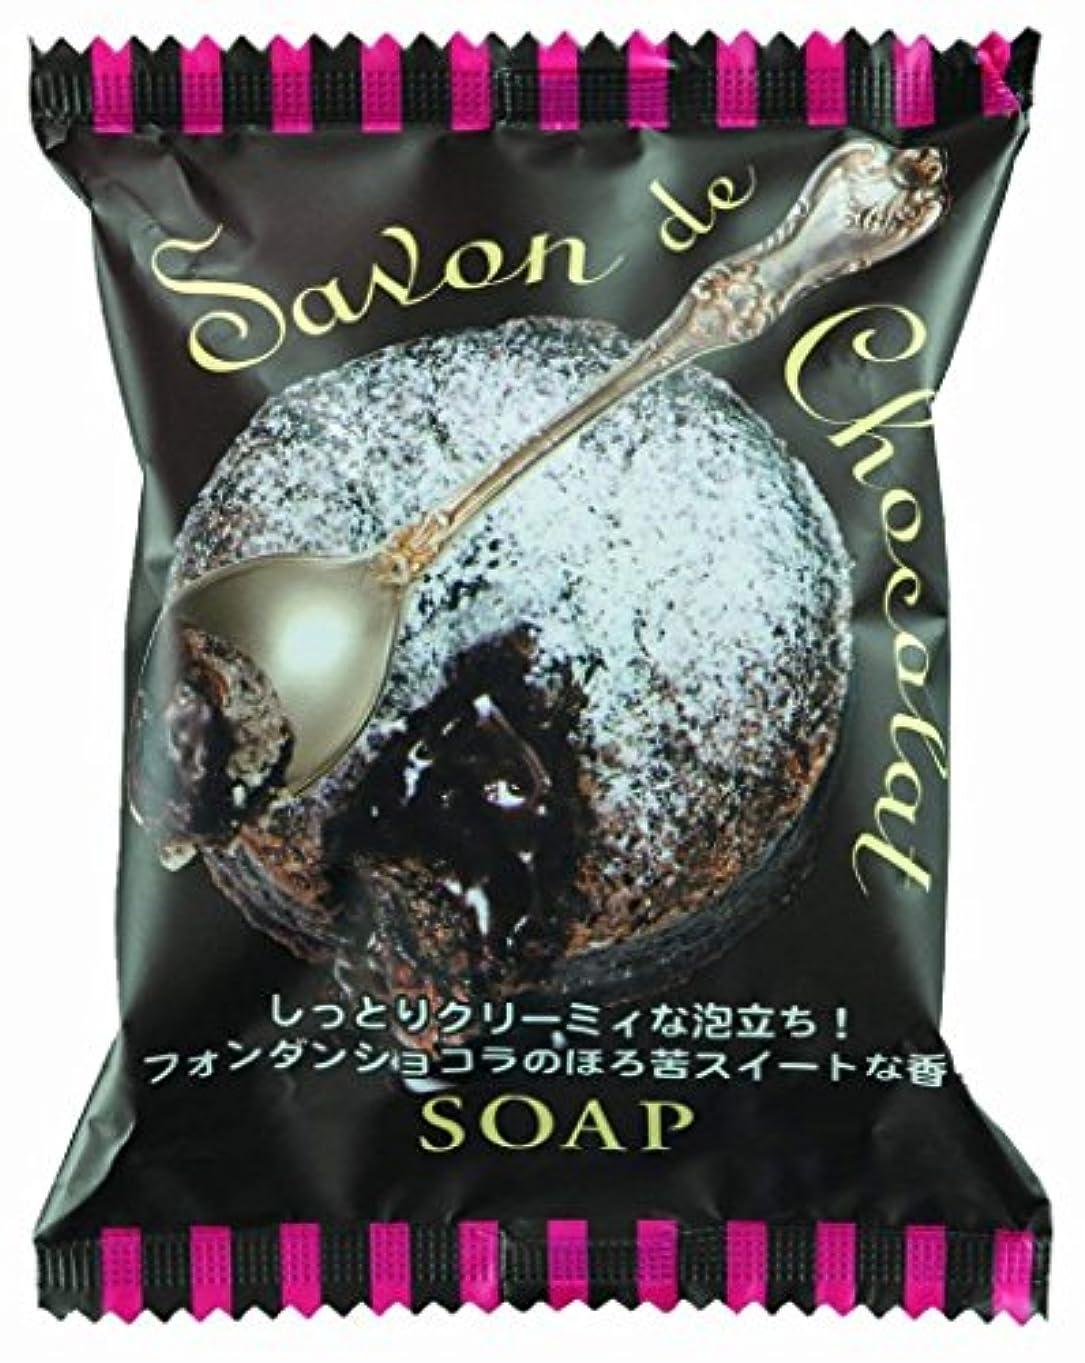 噂抽出アソシエイト【まとめ買い】サボンドショコラソープ 80g ×3個